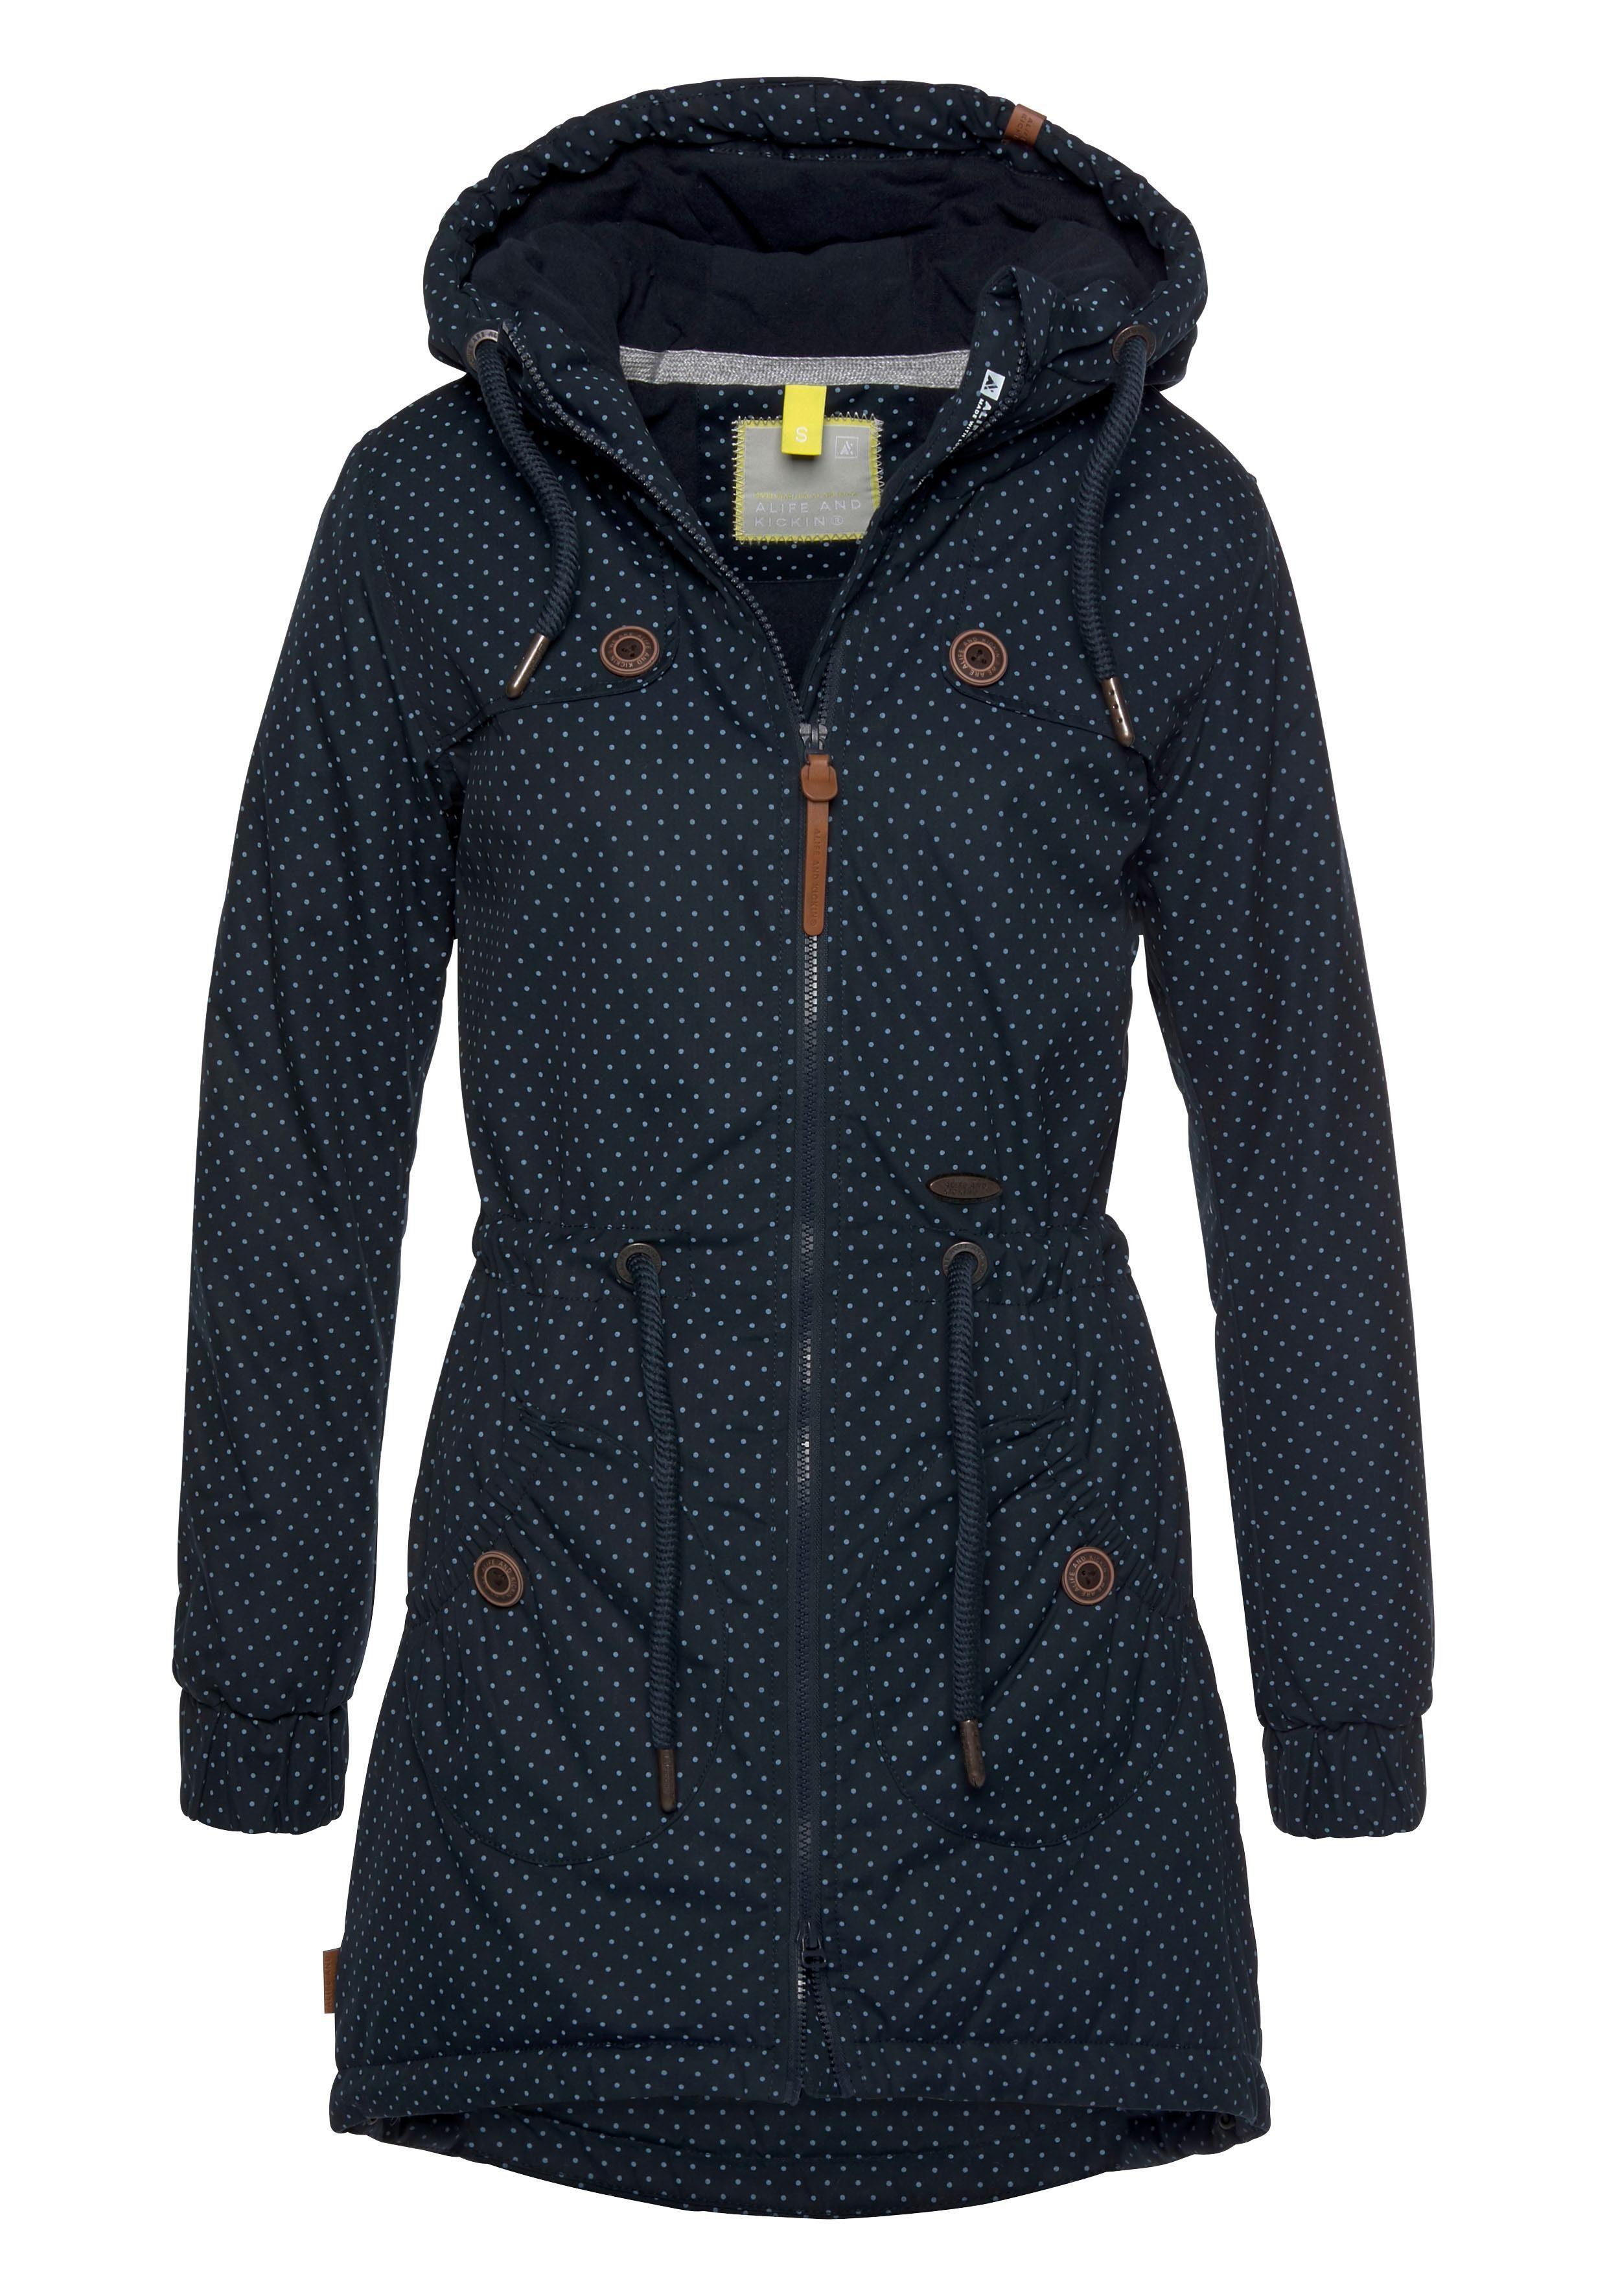 Alife & Kickin Outdoorjacke »CharlotteAK A« modische Winterjacke mit Kapuze und vielen Details online kaufen   OTTO